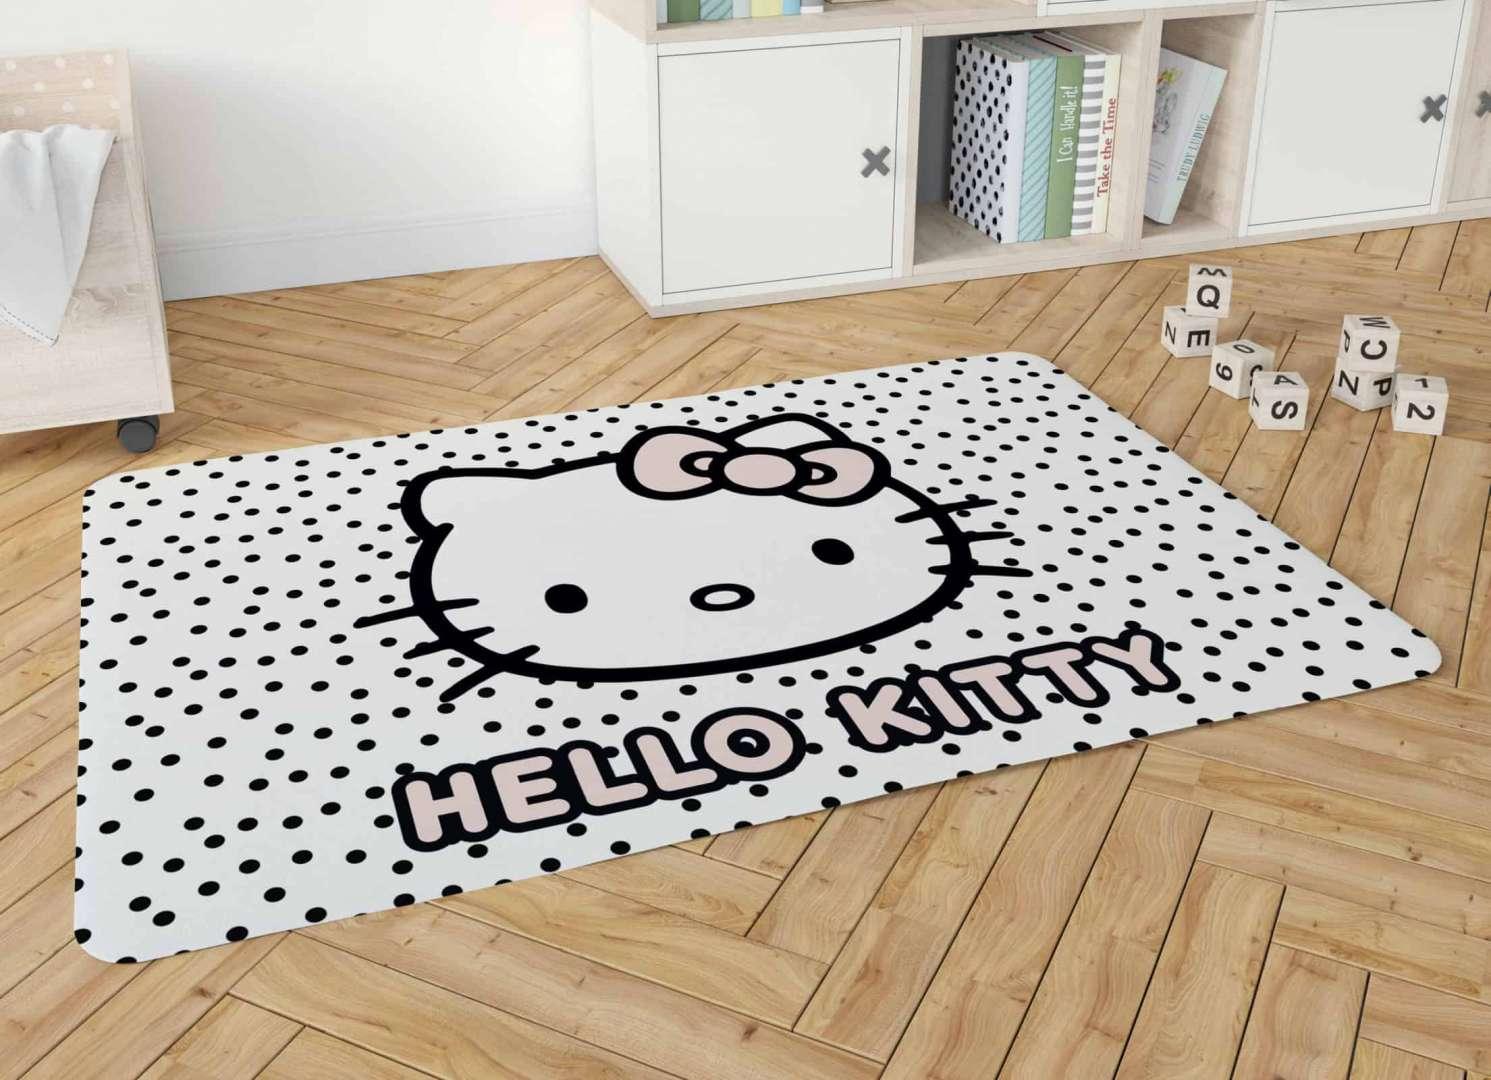 שטיח פלנל מודפס רך ונעים למגע לחדרי ילדים - 8 דגמים לבחירה